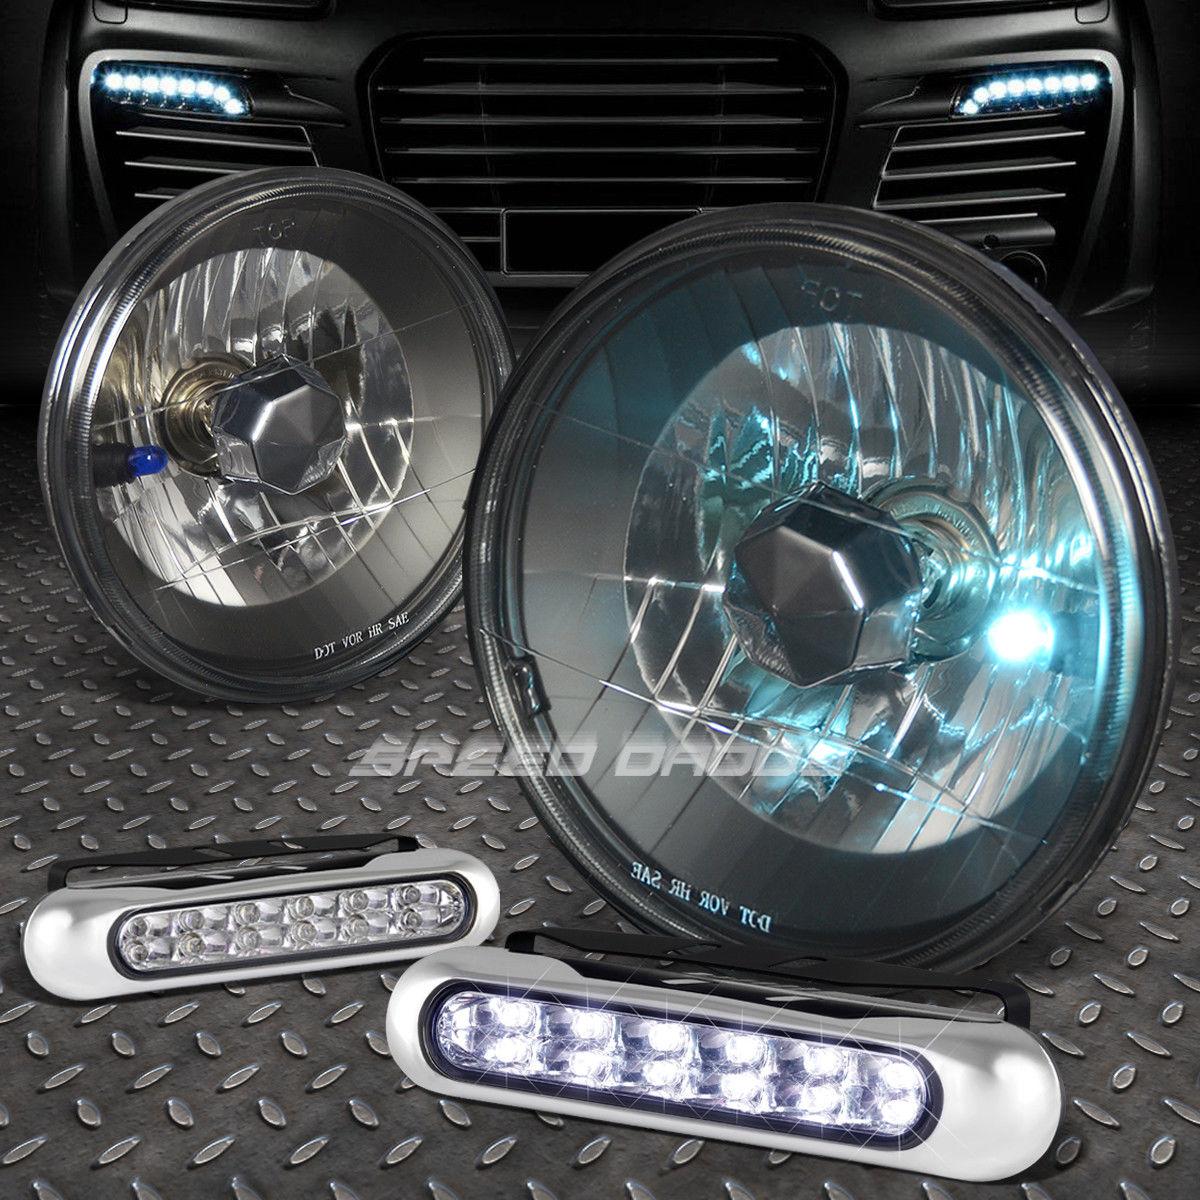 フォグライト 7x7 ROUND BLACK HOUSING HEADLIGHT+12 LED GRILL FOG LIGHT FOR DODGE CHARGER 7×7丸型ブラックヘッドライト+ 12個のLEDグリッドフォグライト用ドッジチャージャー